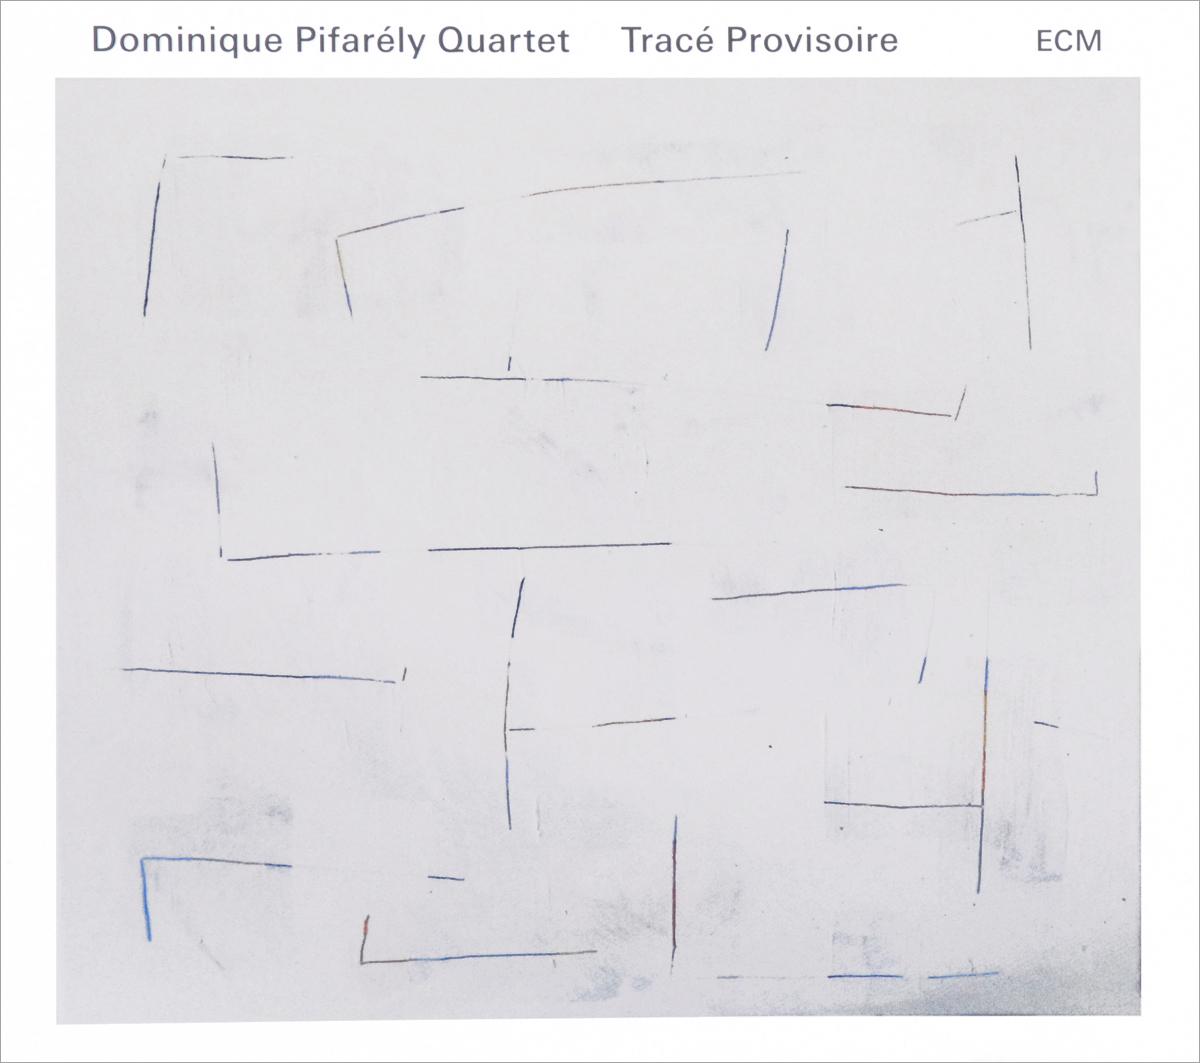 Dominique Pifarely Quartet Dominique Pifarely Quartet. Trace Provisoire dominique paret secure connected objects